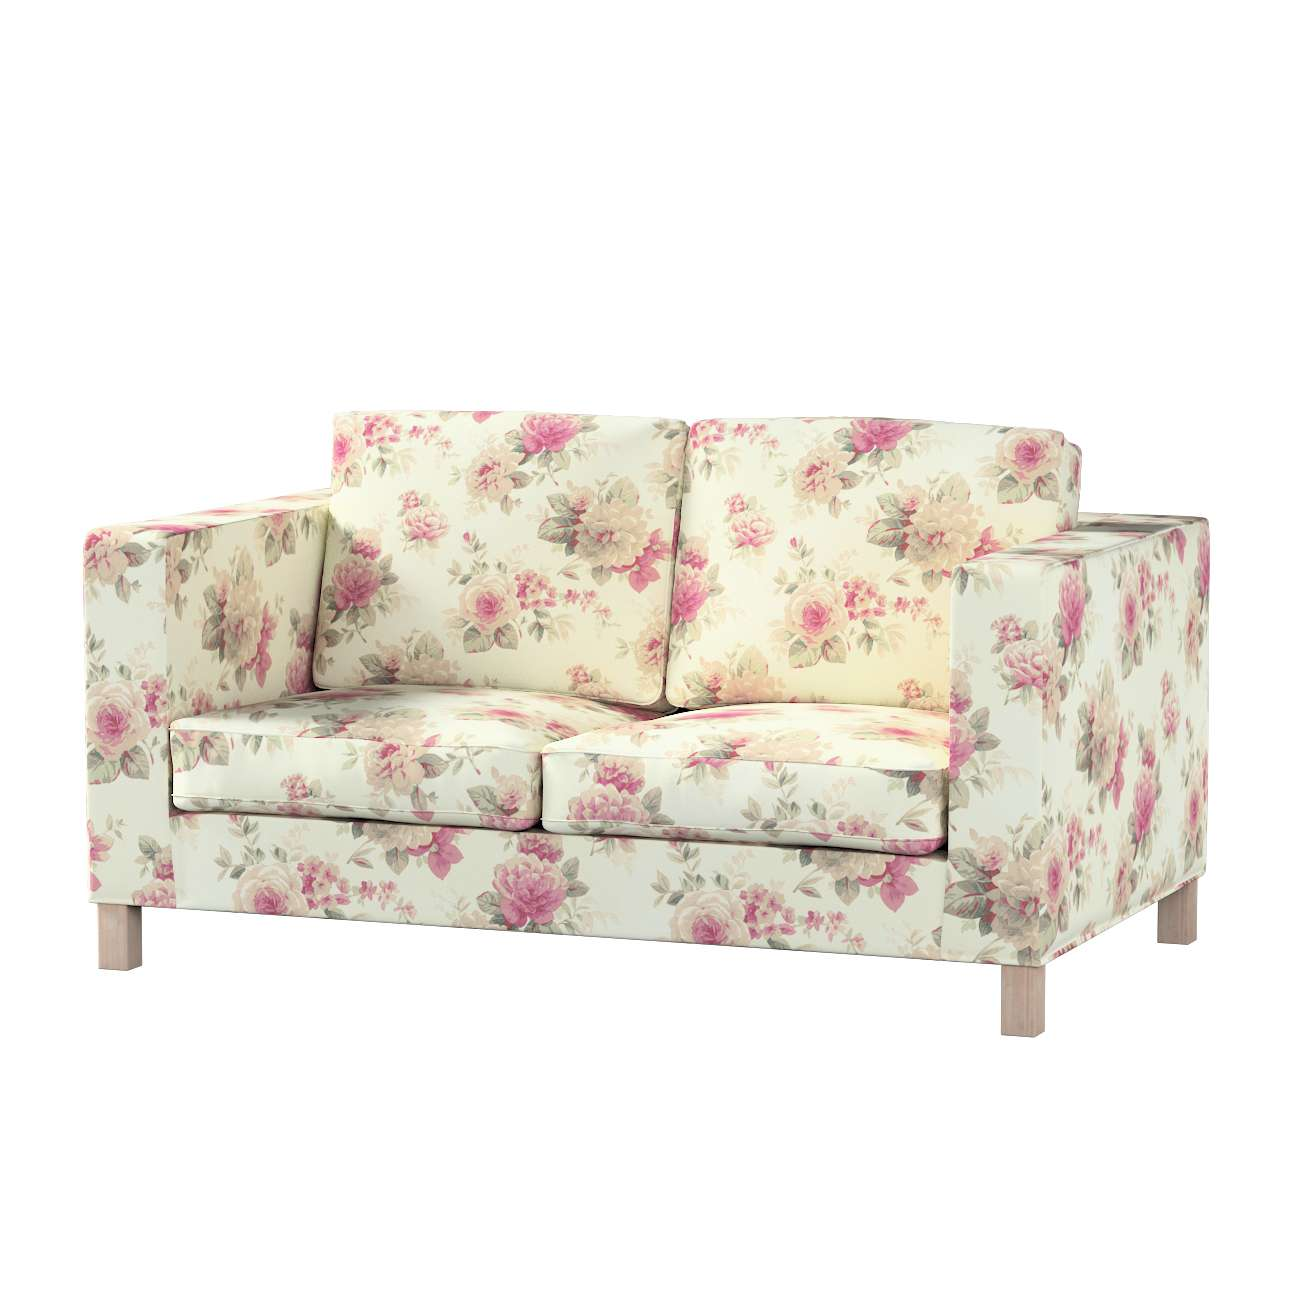 Pokrowiec na sofę Karlanda 2-osobową nierozkładaną, krótki Sofa Karlanda 2-os w kolekcji Mirella, tkanina: 141-07